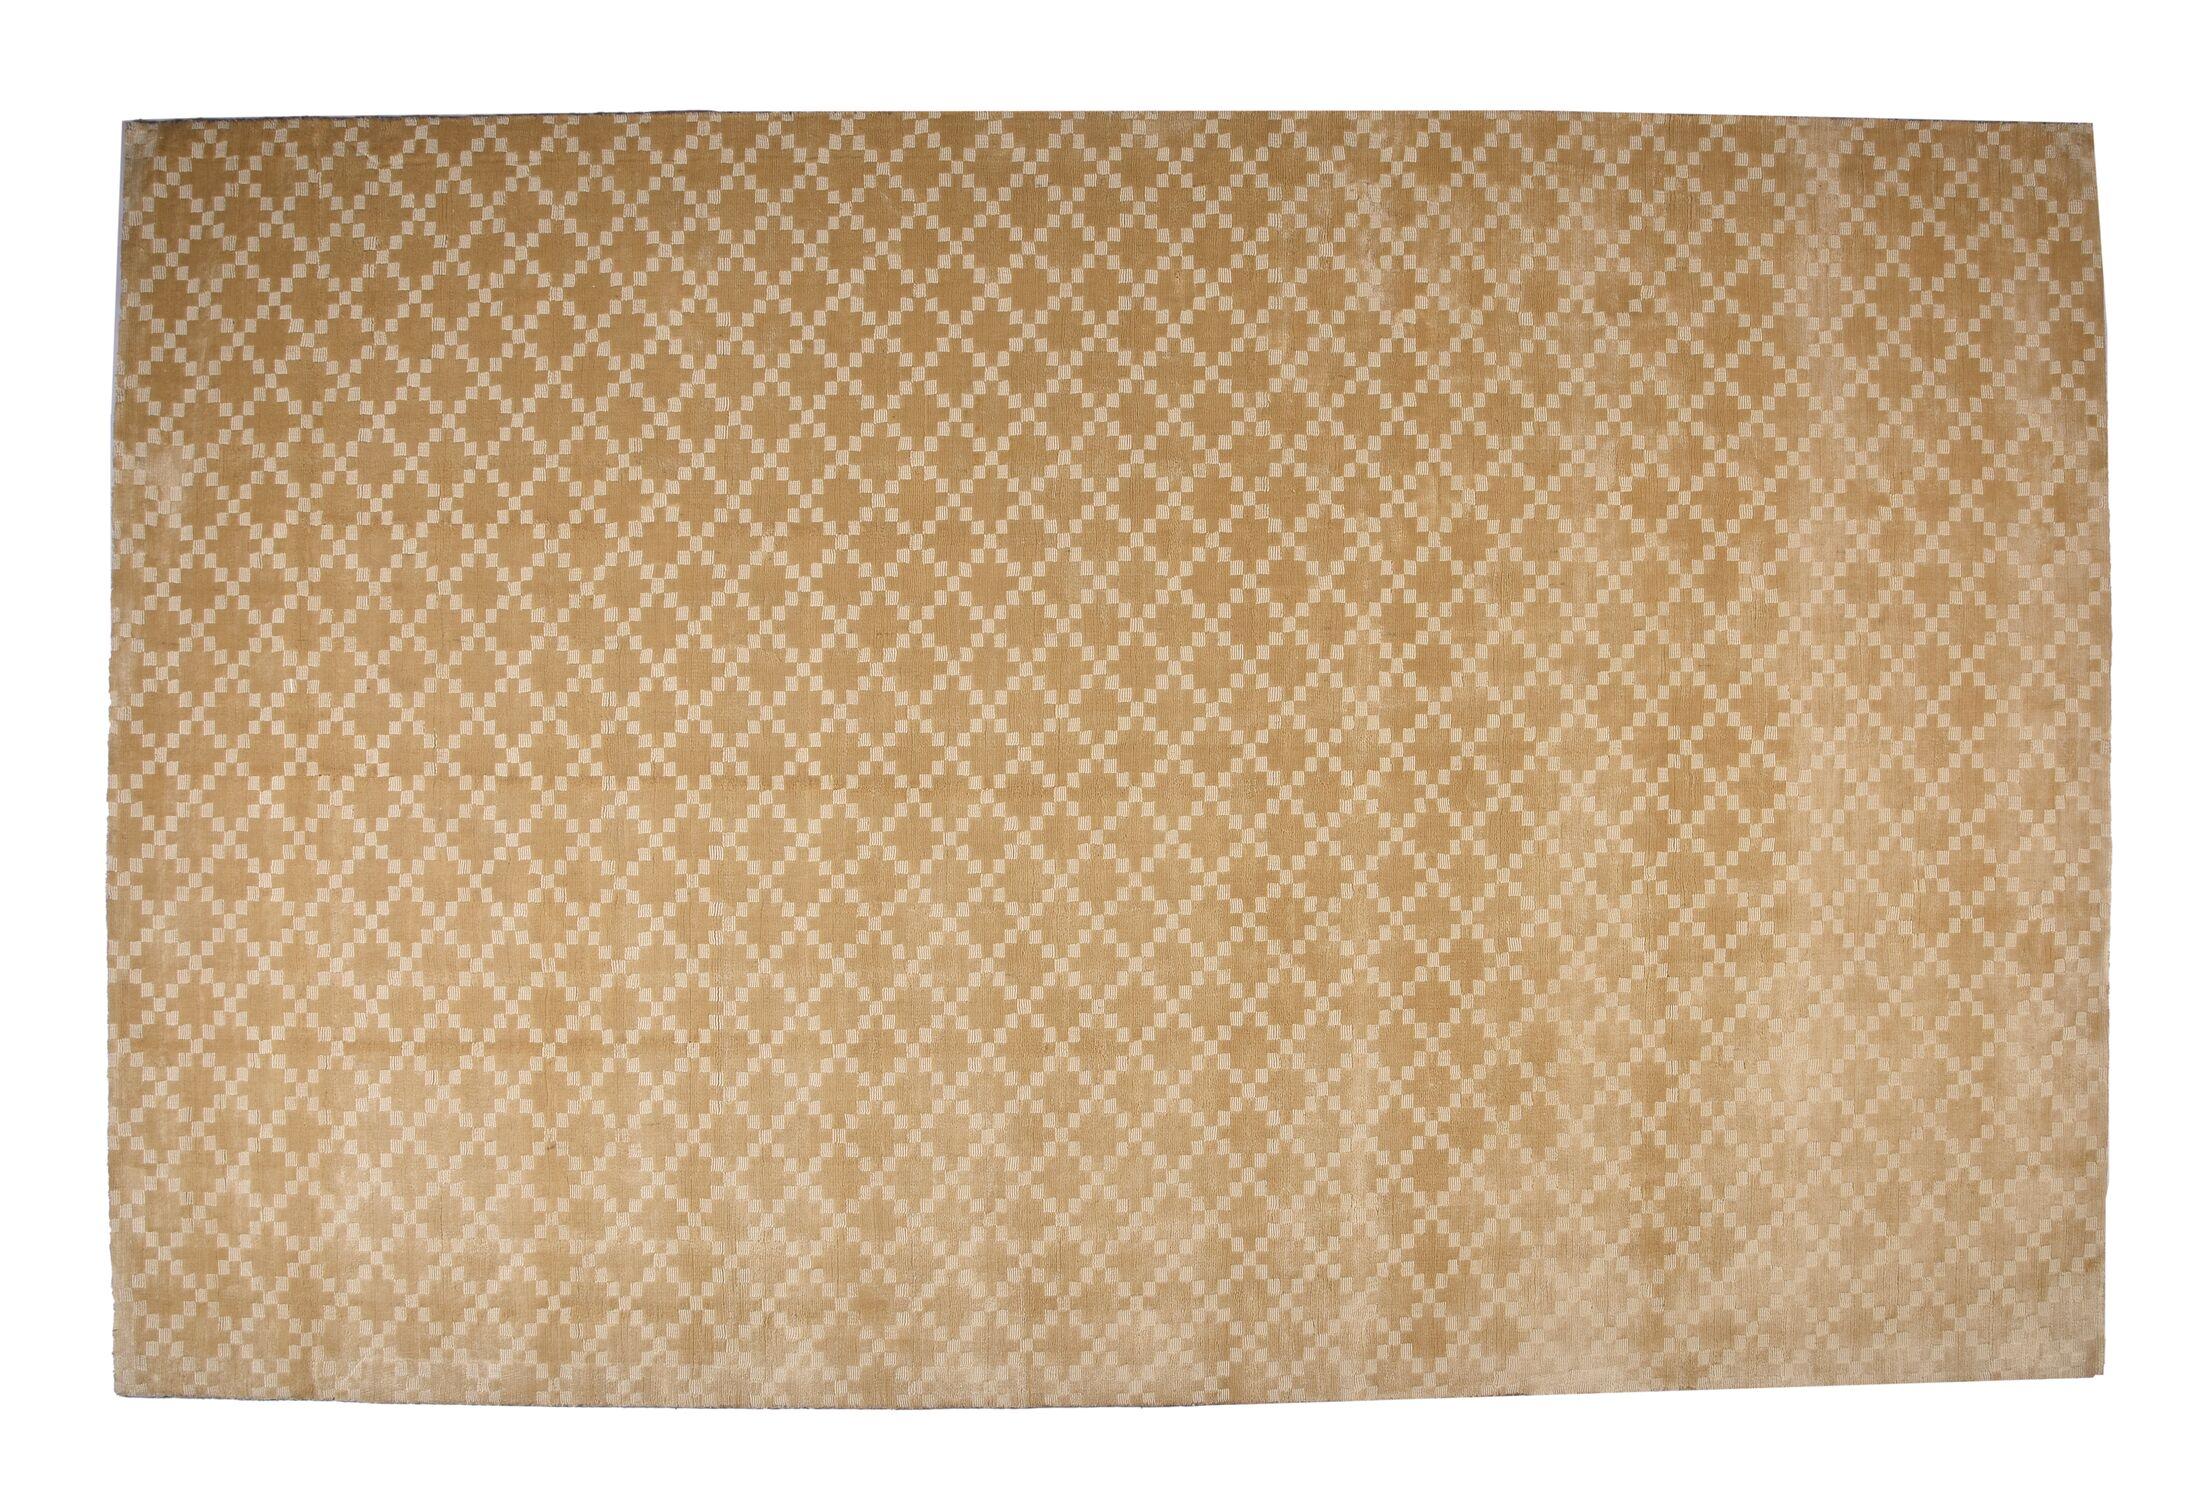 Teressa Diamond Hand-Woven Wool Beige Area Rug Rug Size: Rectangle 5'x 8'